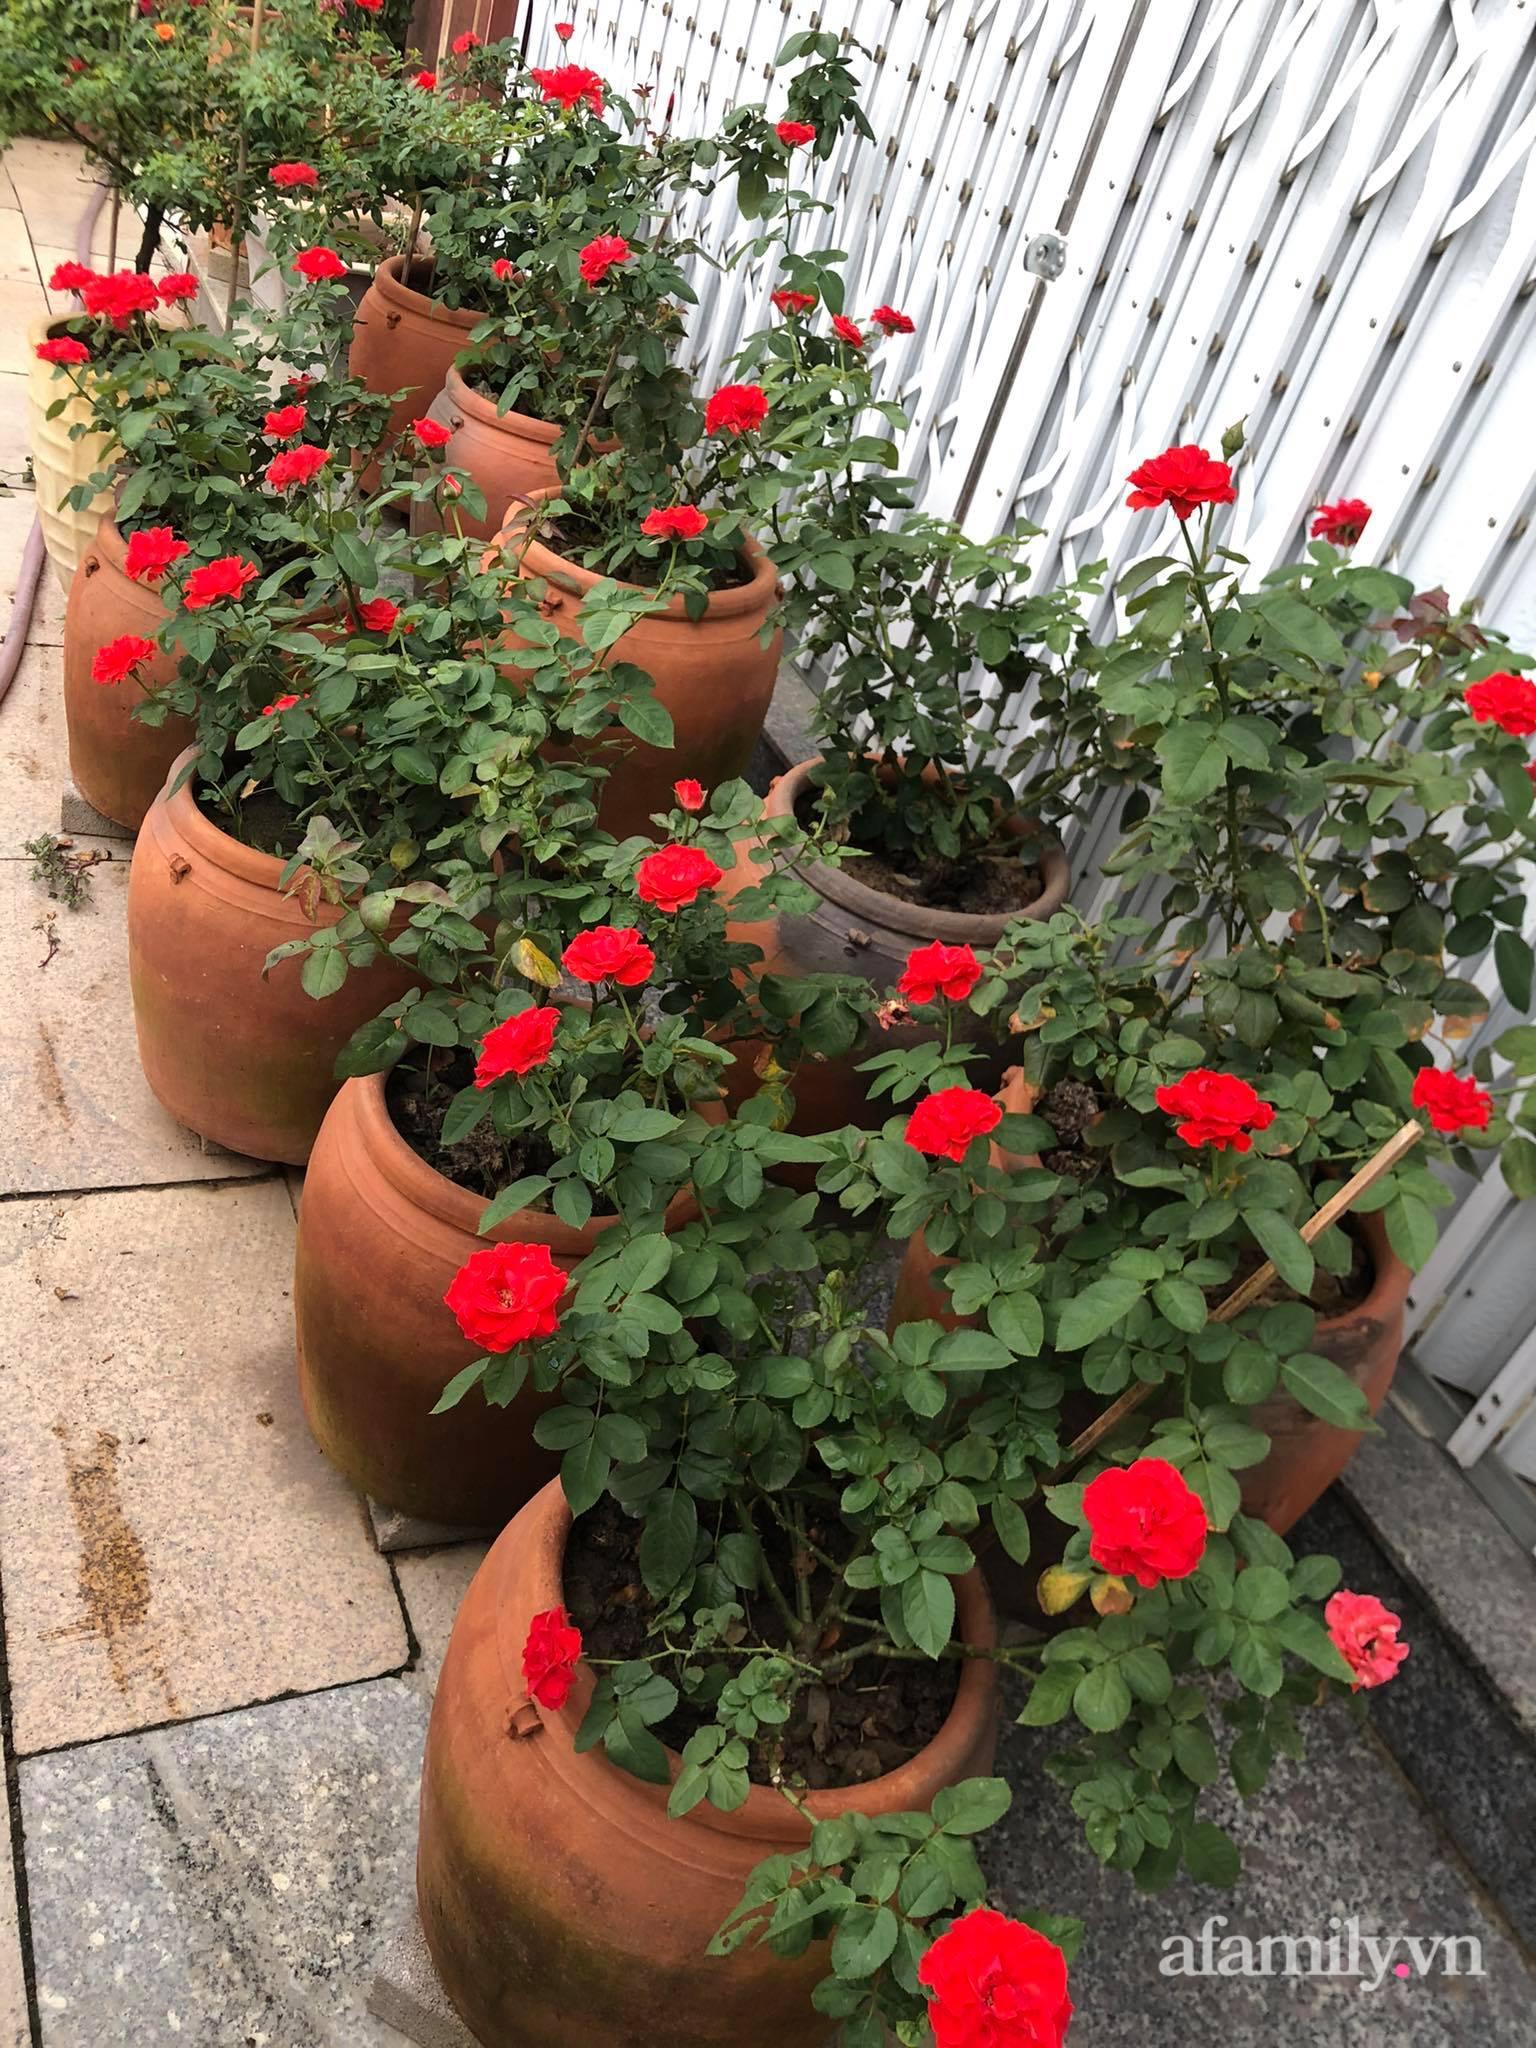 Vườn 500m² được quy hoạch khoa học để trồng đủ các loại rau quả sạch của mẹ đảm ở Quy Nhơn - Ảnh 14.